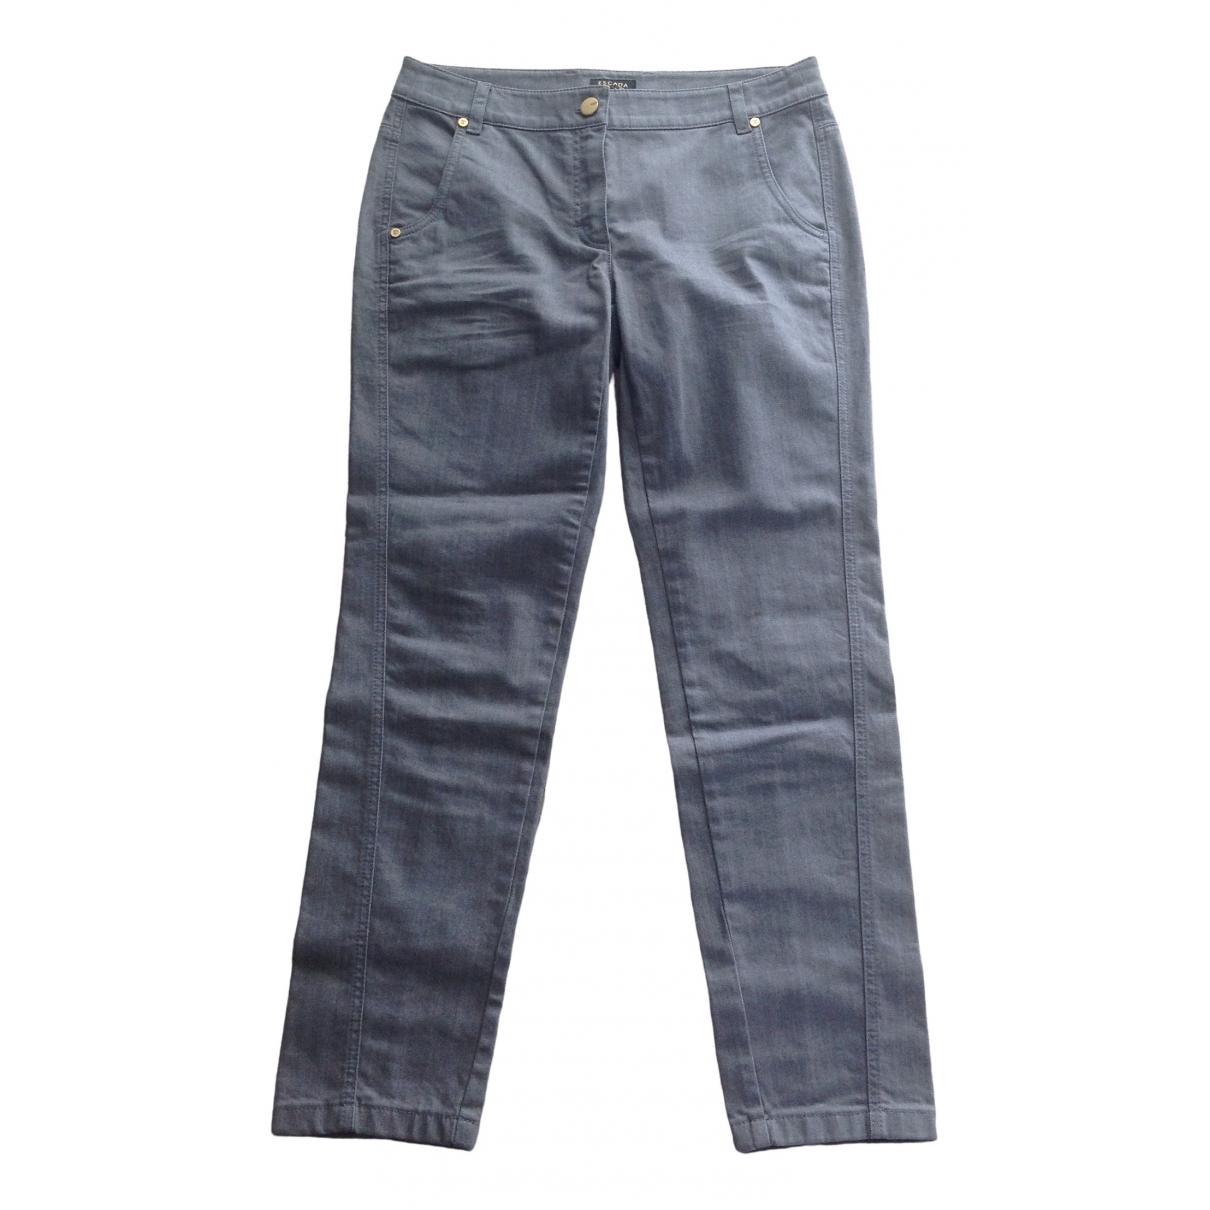 Escada \N Grey Cotton - elasthane Jeans for Women 36 FR